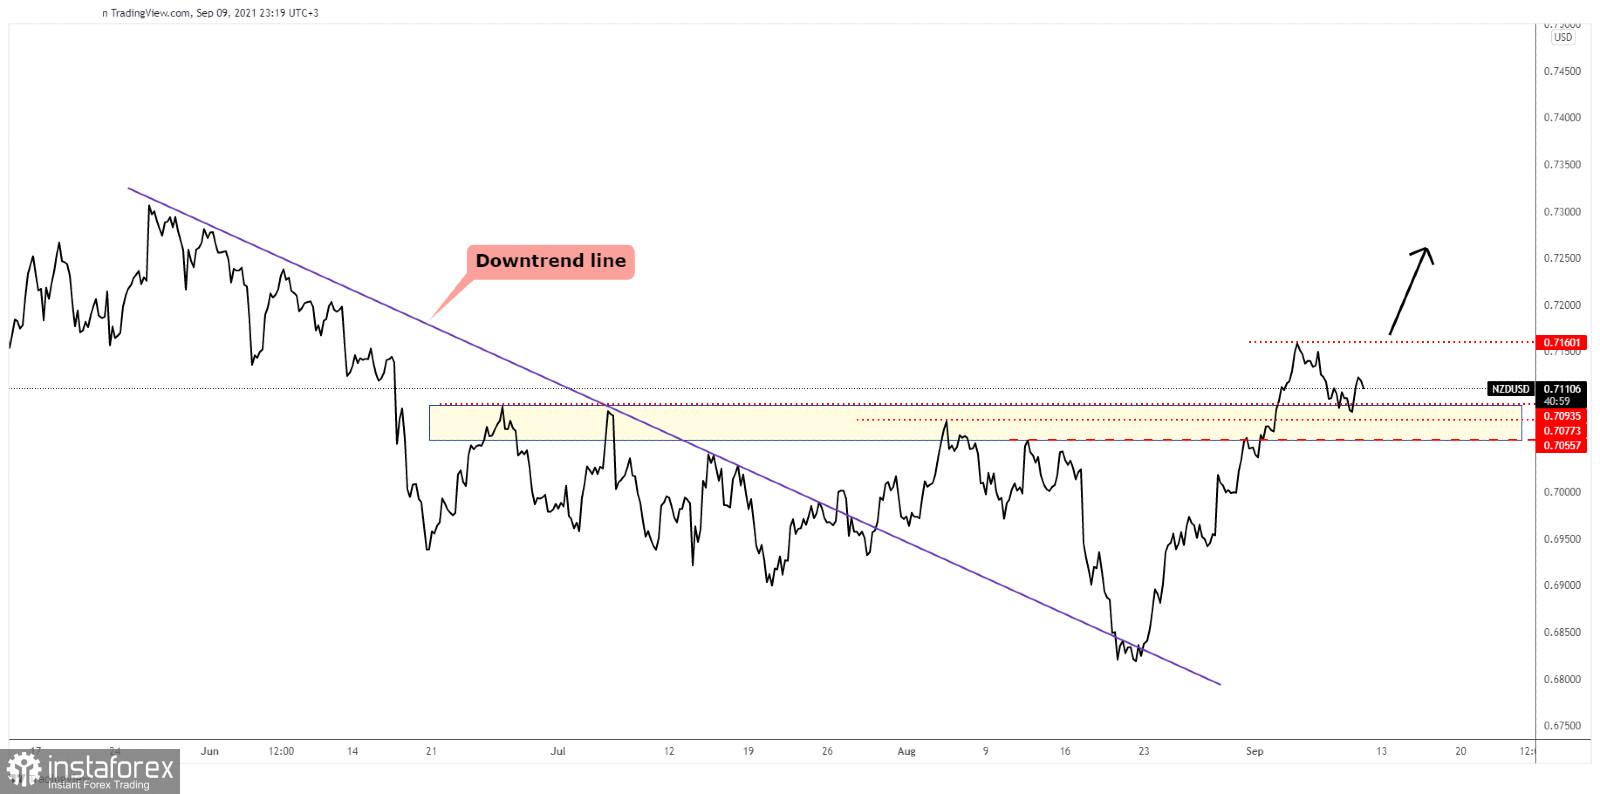 NZD/USD upside still intact